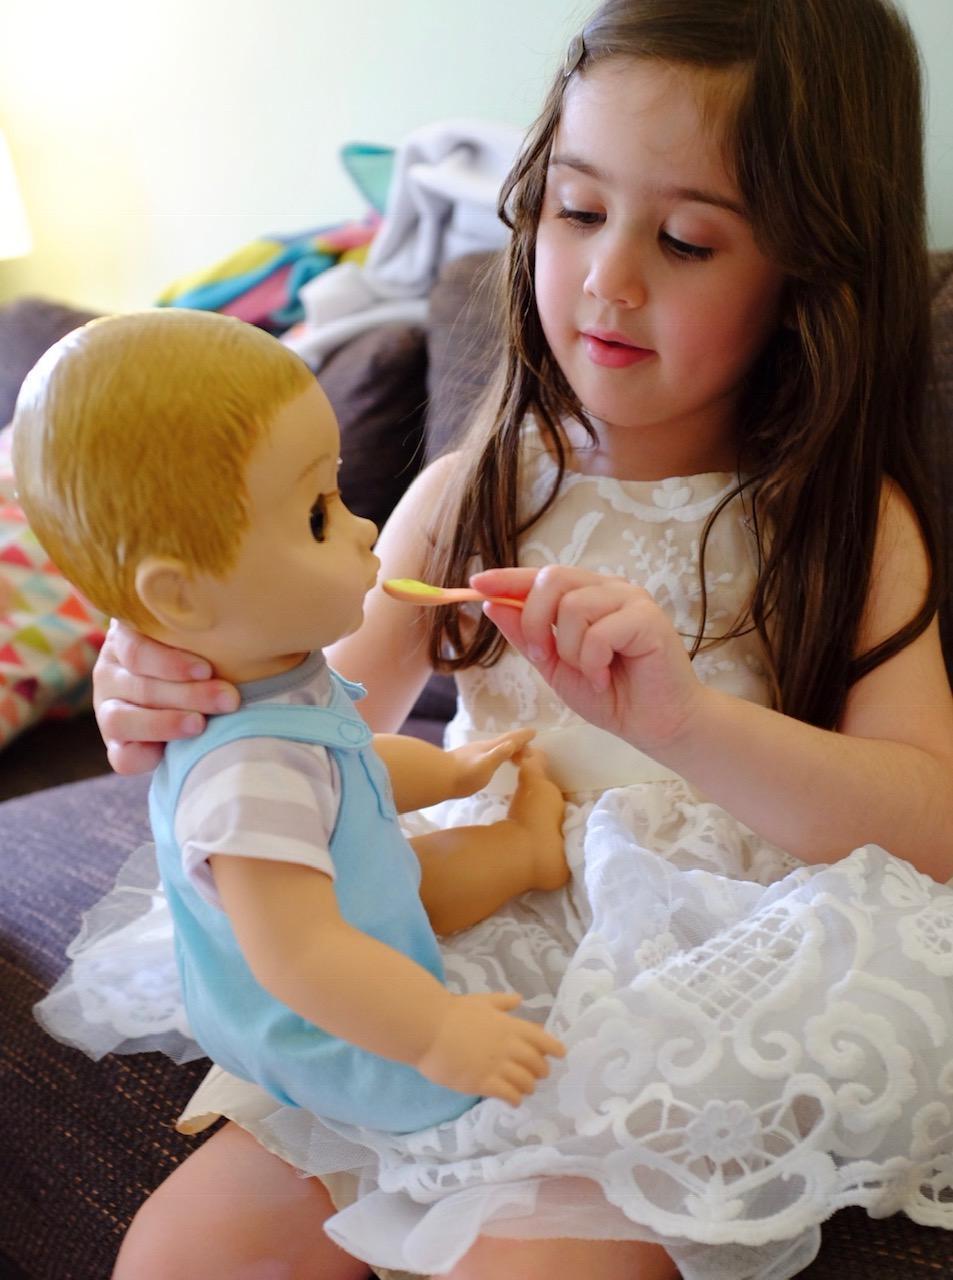 girl feeding doll